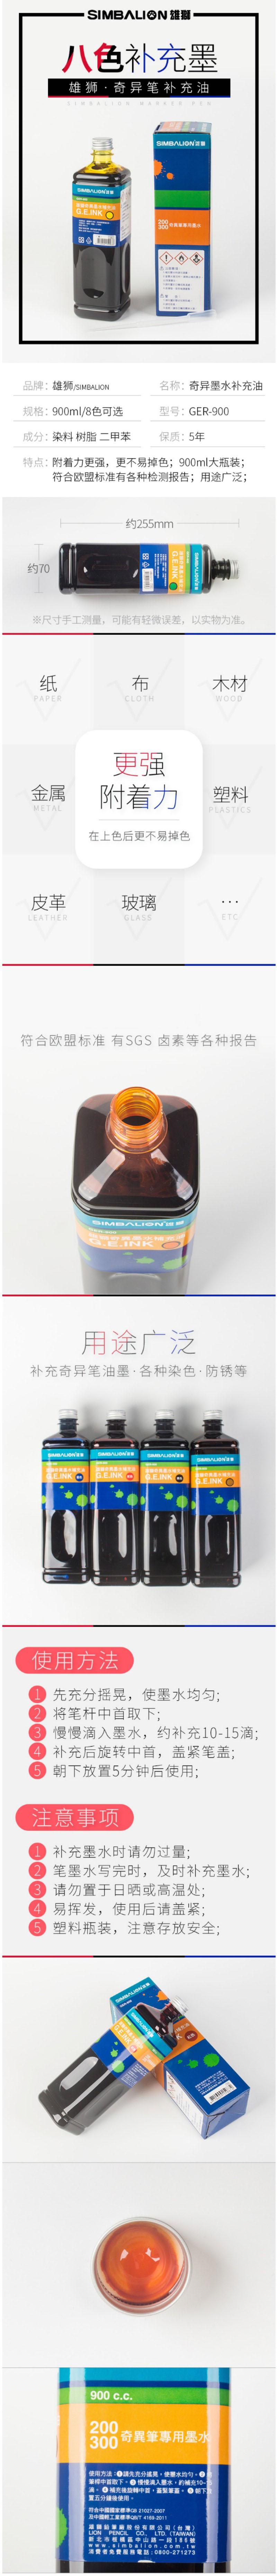 雄狮GER-900 奇异补充油(黄)详情页